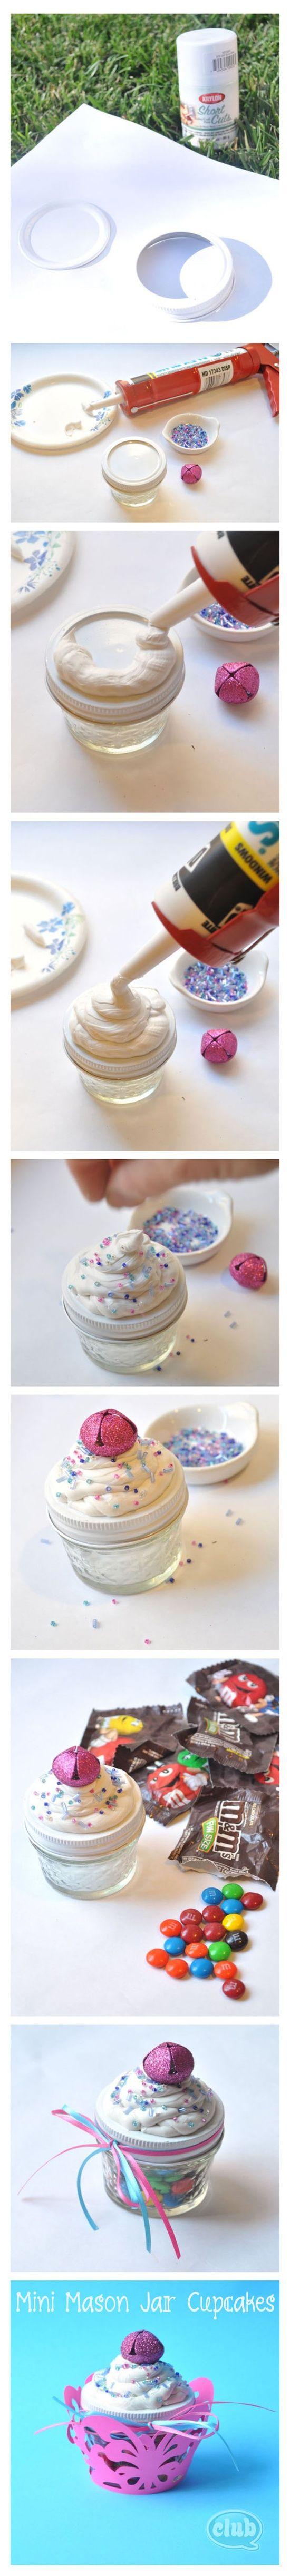 Mini Mason jar cupcakes! So adorable! Cute little gift idea.